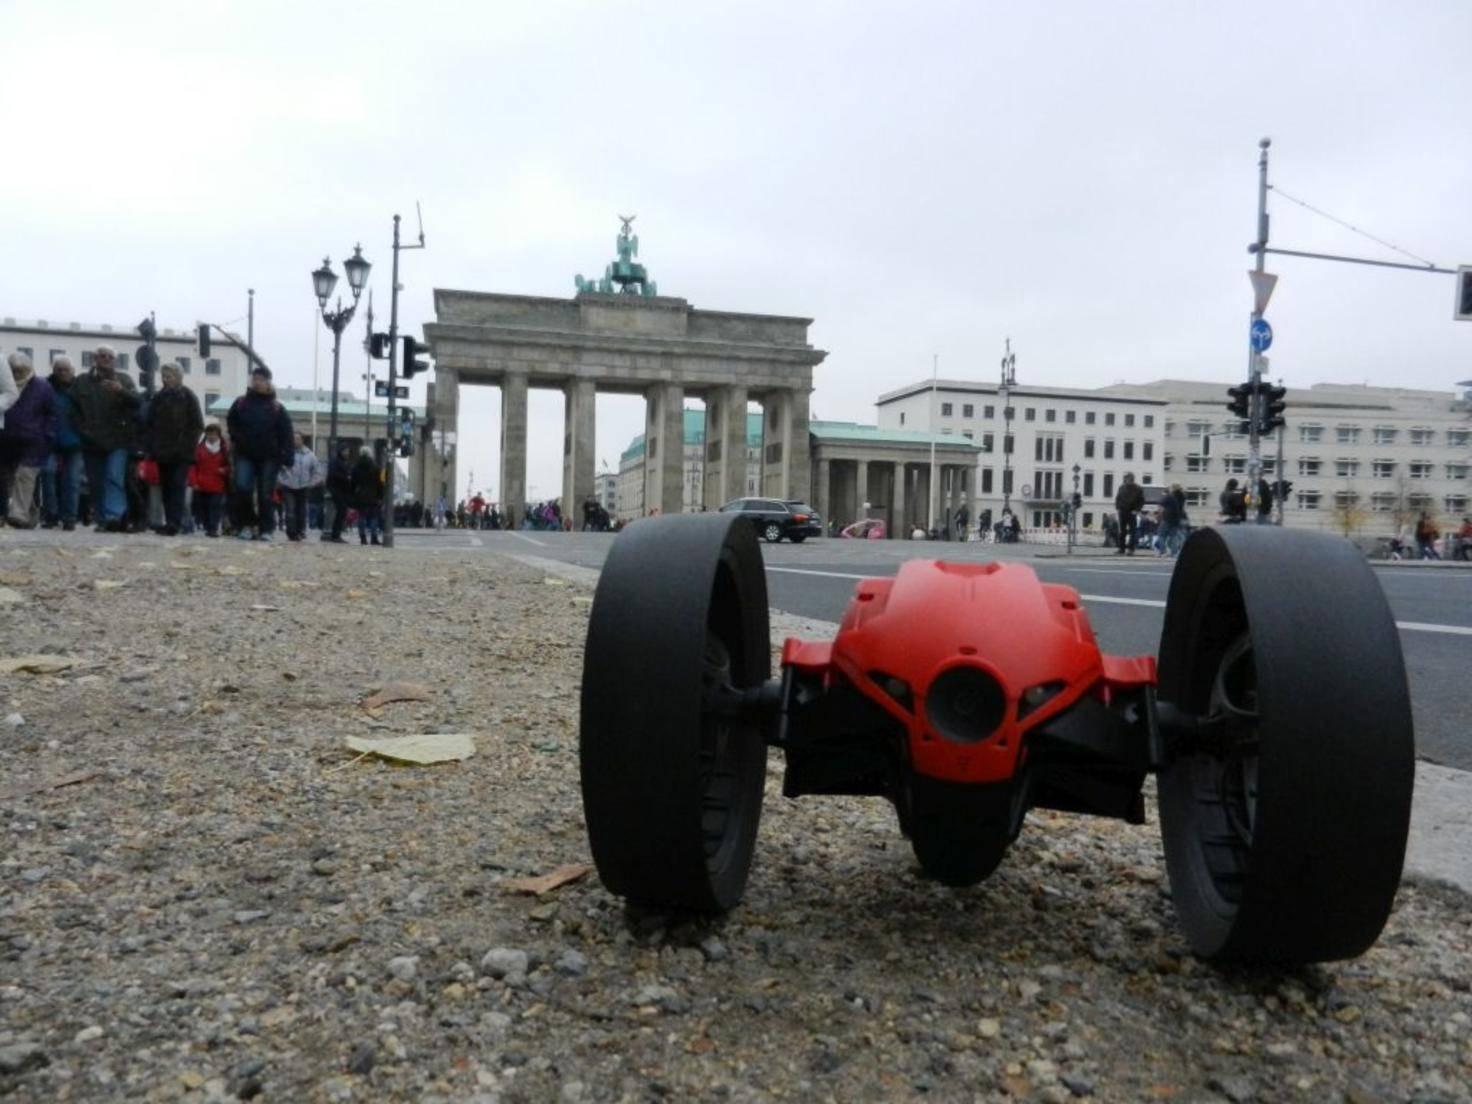 Geschafft! Die Jumping Race Drone am Ziel Brandenburger Tor.